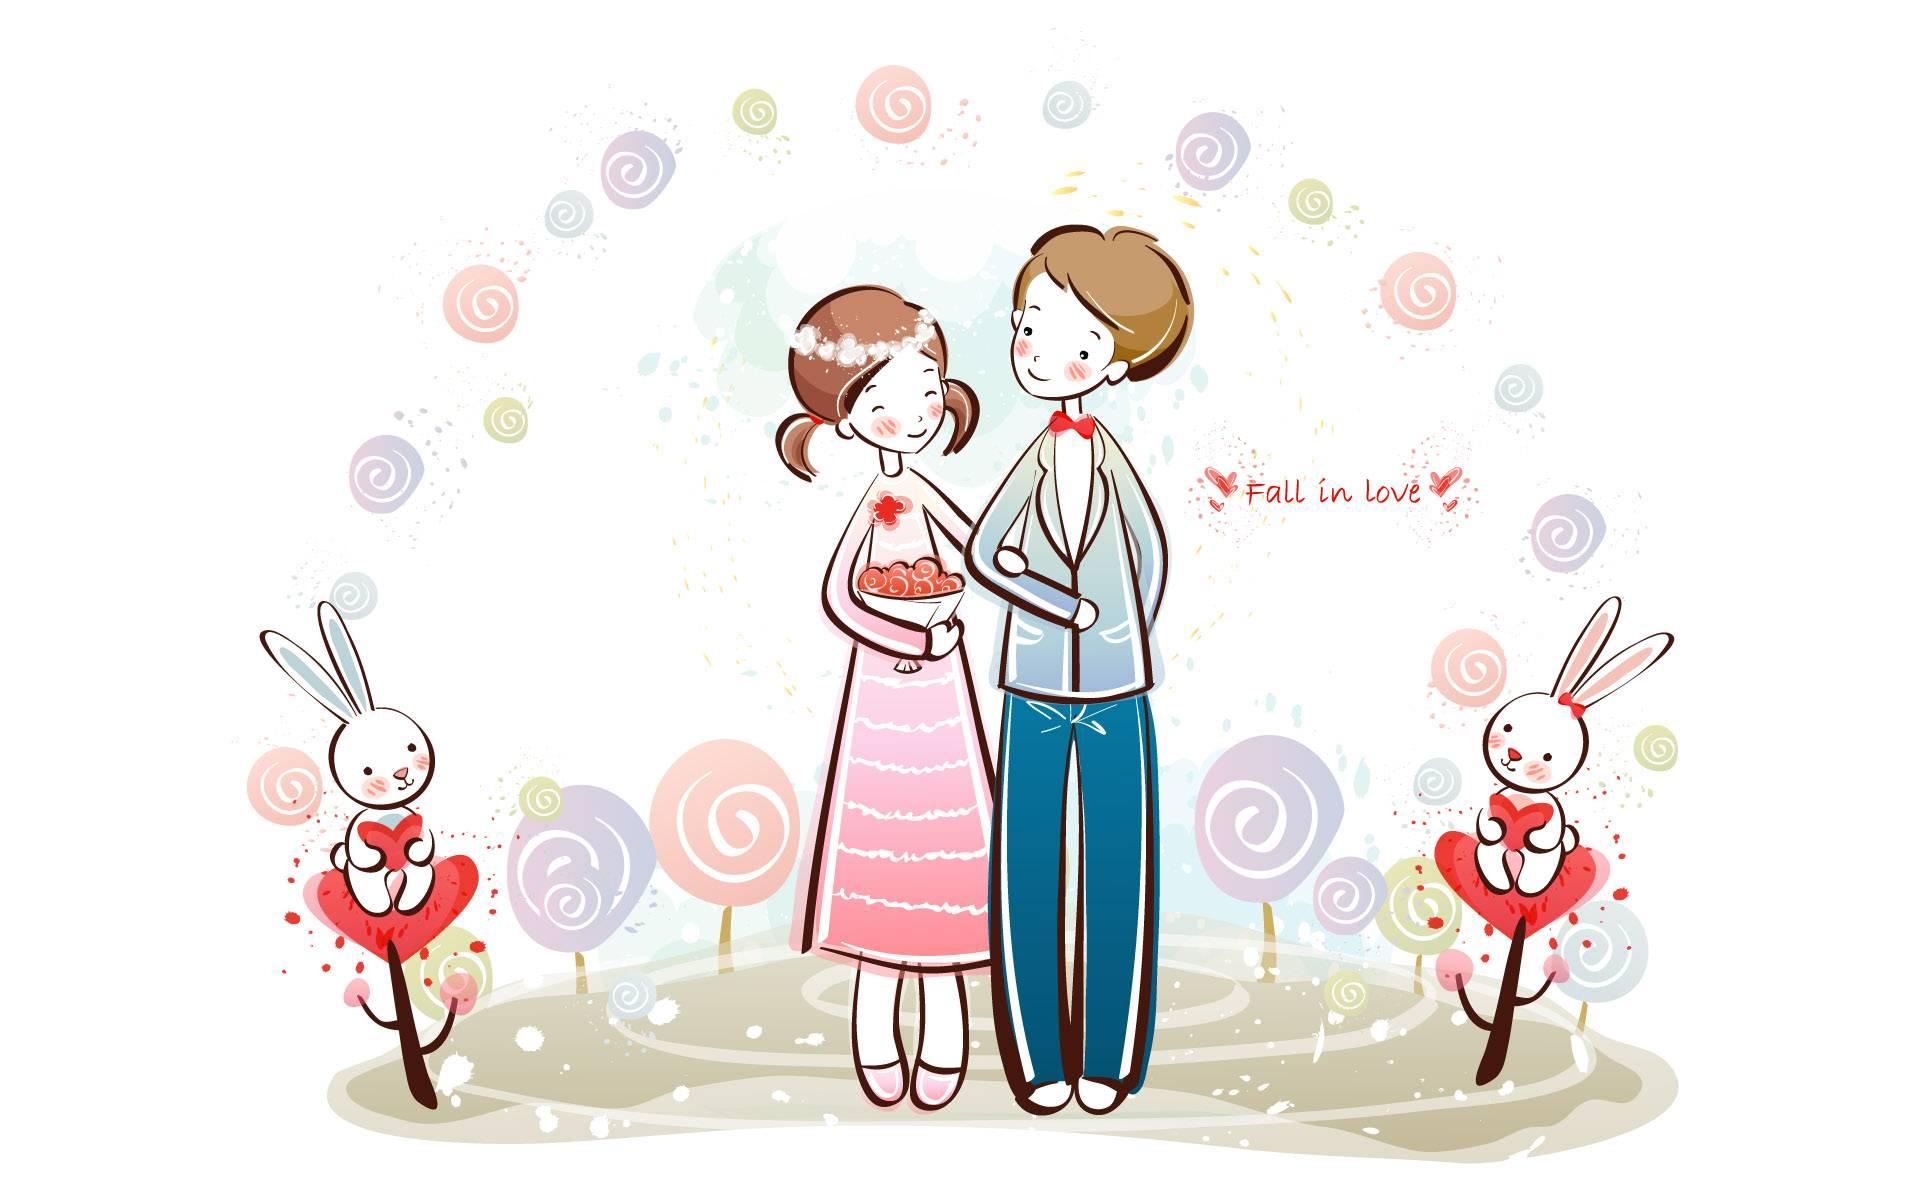 Imagenes de amor romanticos para enviar una dedicatoria a mi novia